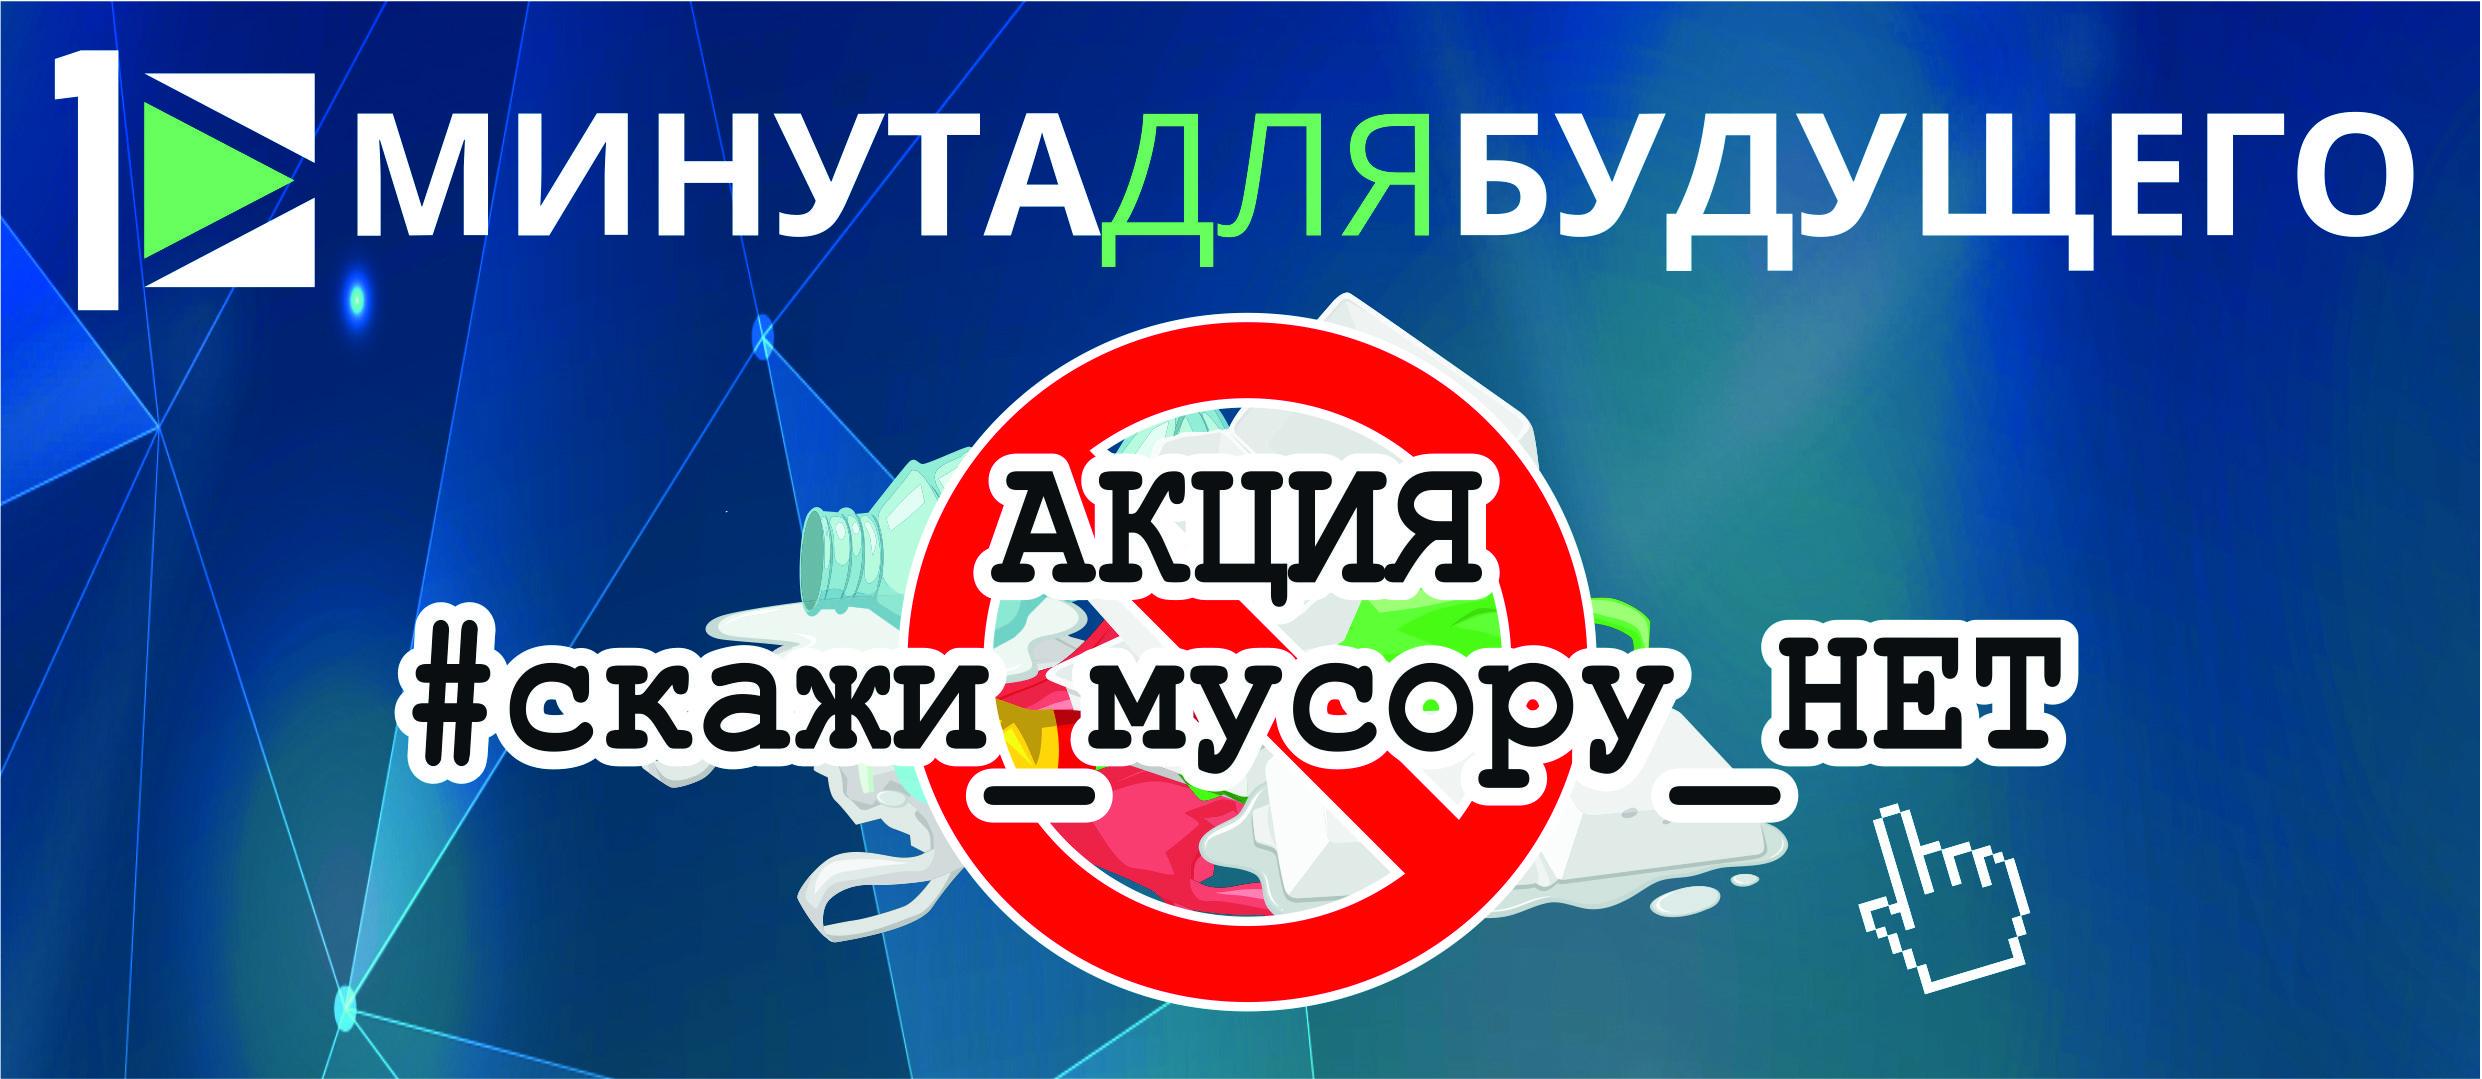 В Качугском районе пройдет акция «Минута для будущего»